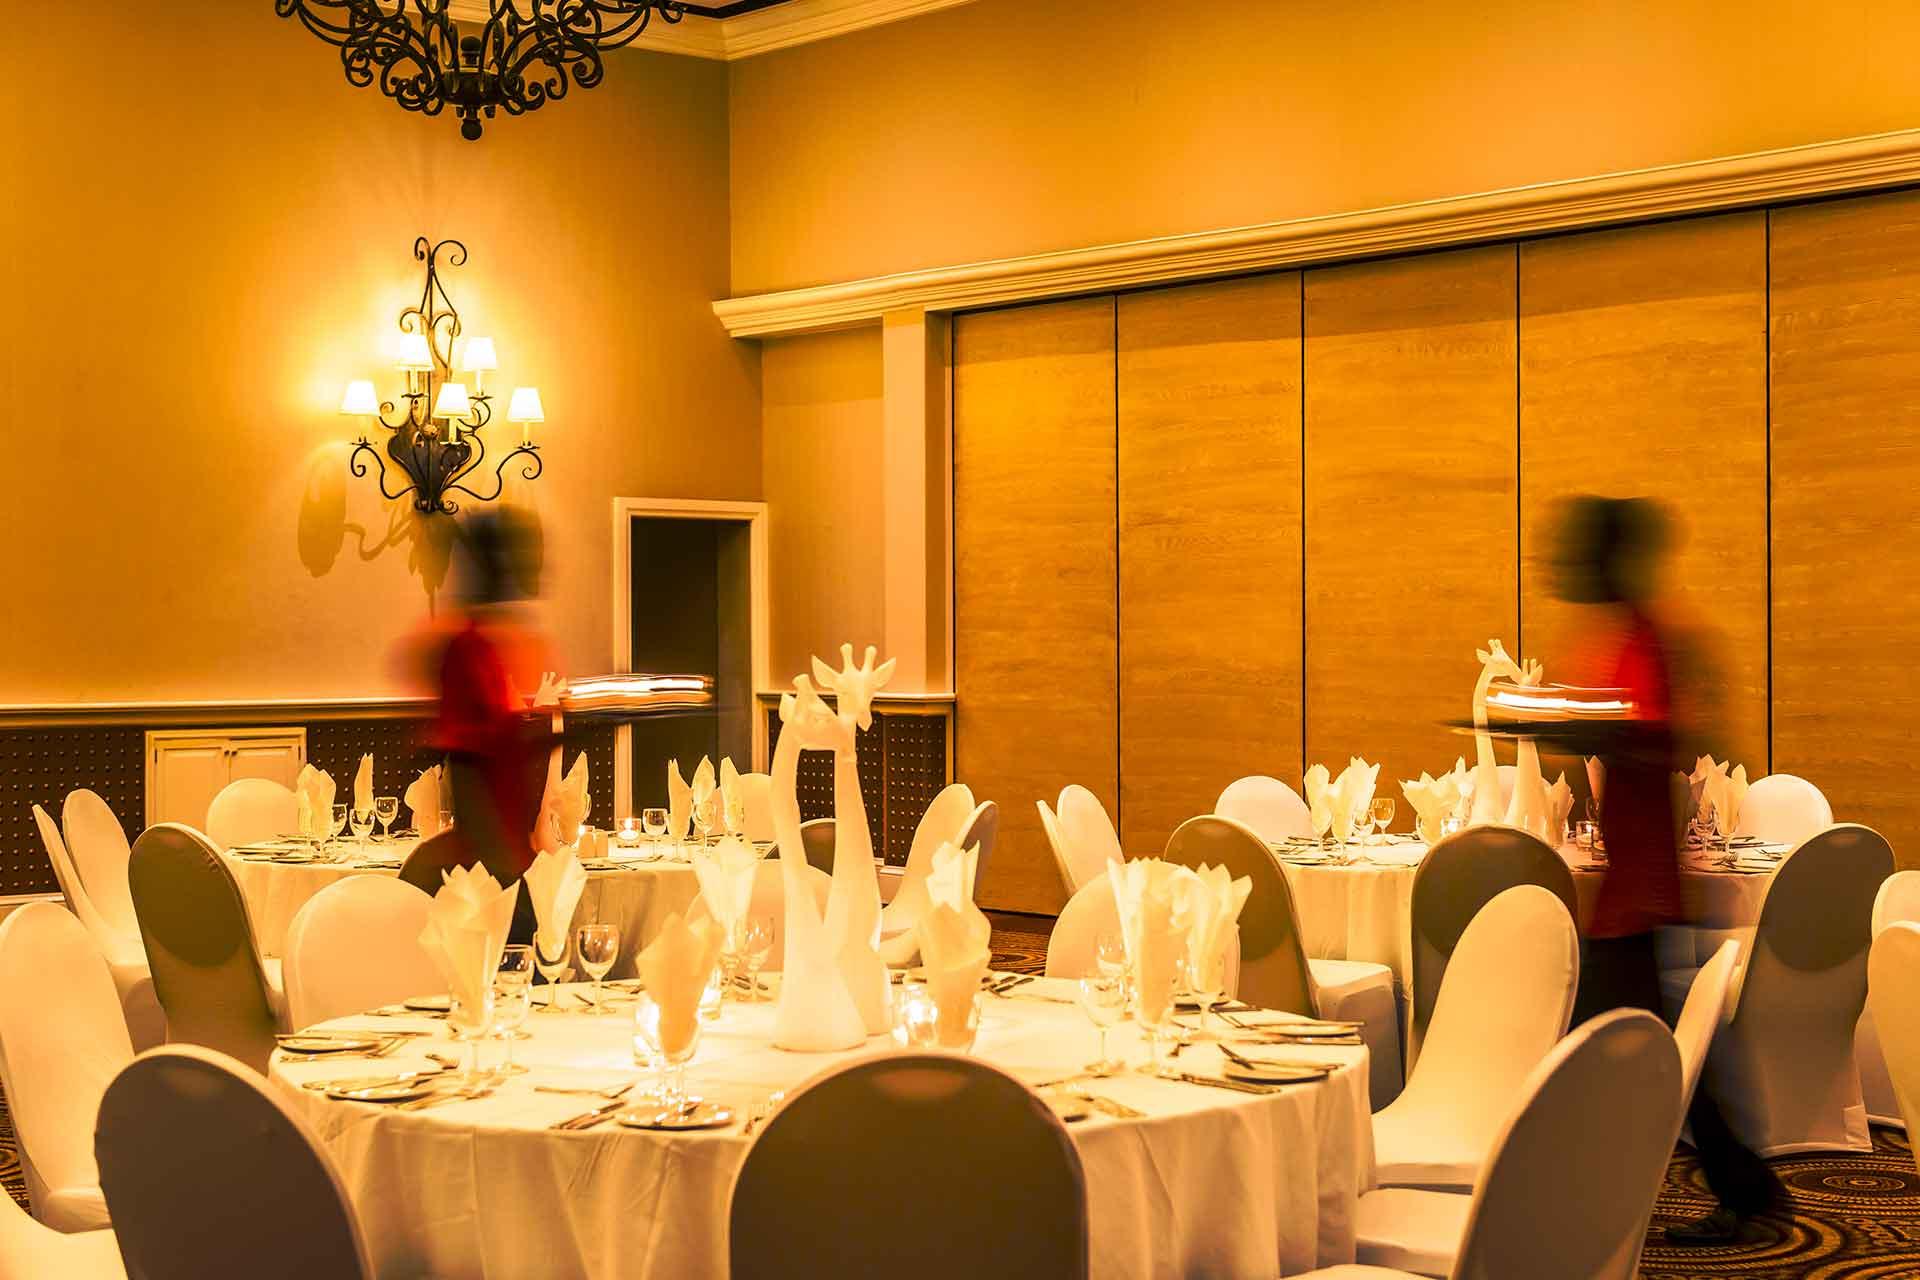 Zambezi Hotel restaurant at AVANI Victoria Falls